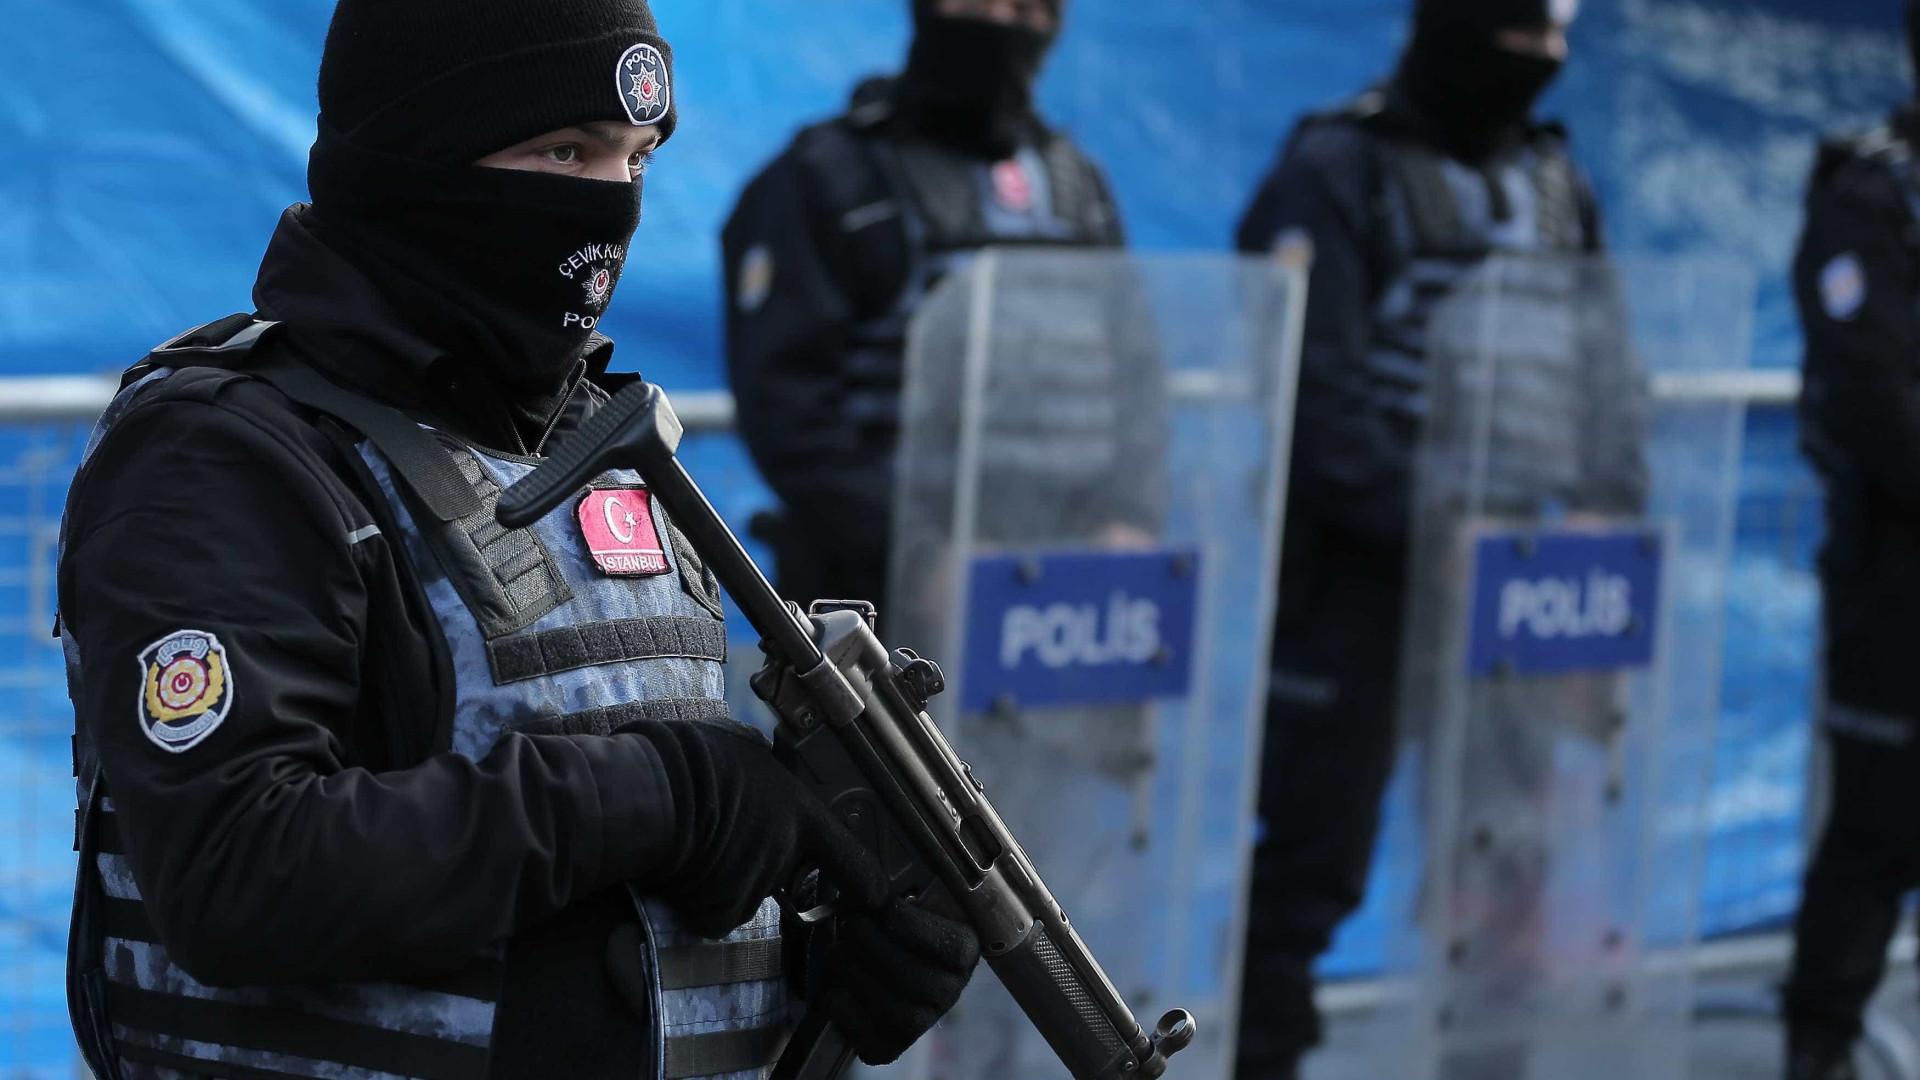 Centenas de trabalhadores em greve em Istambul detidos pela polícia